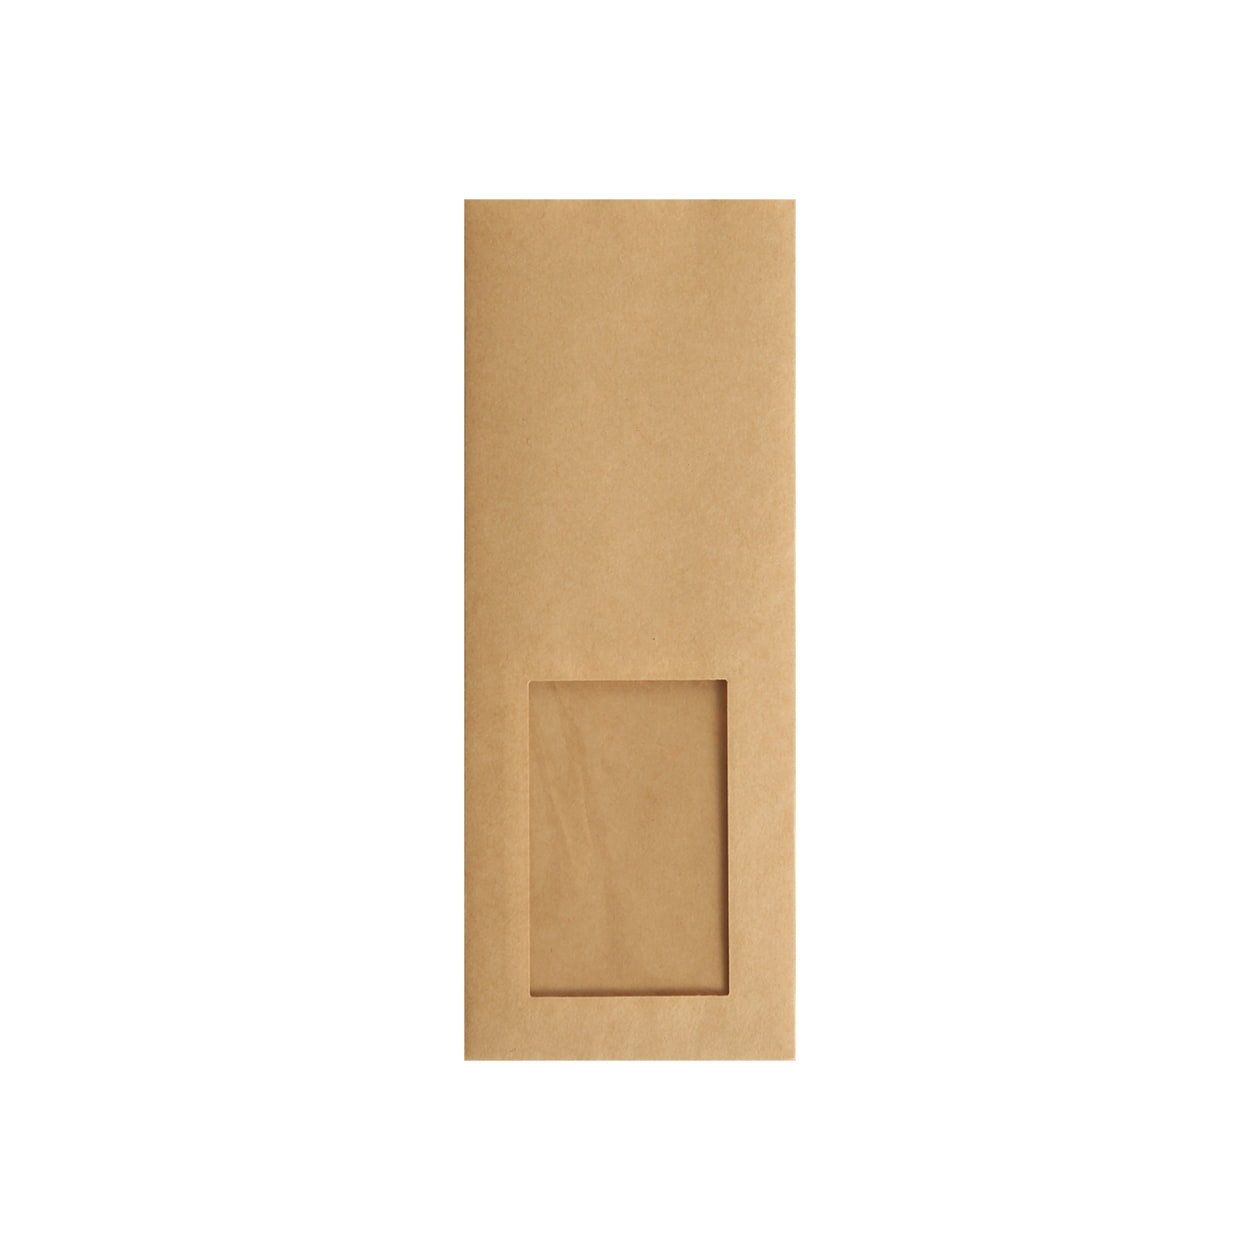 平袋90×235窓付 未晒(みざらし)クラフト 70g